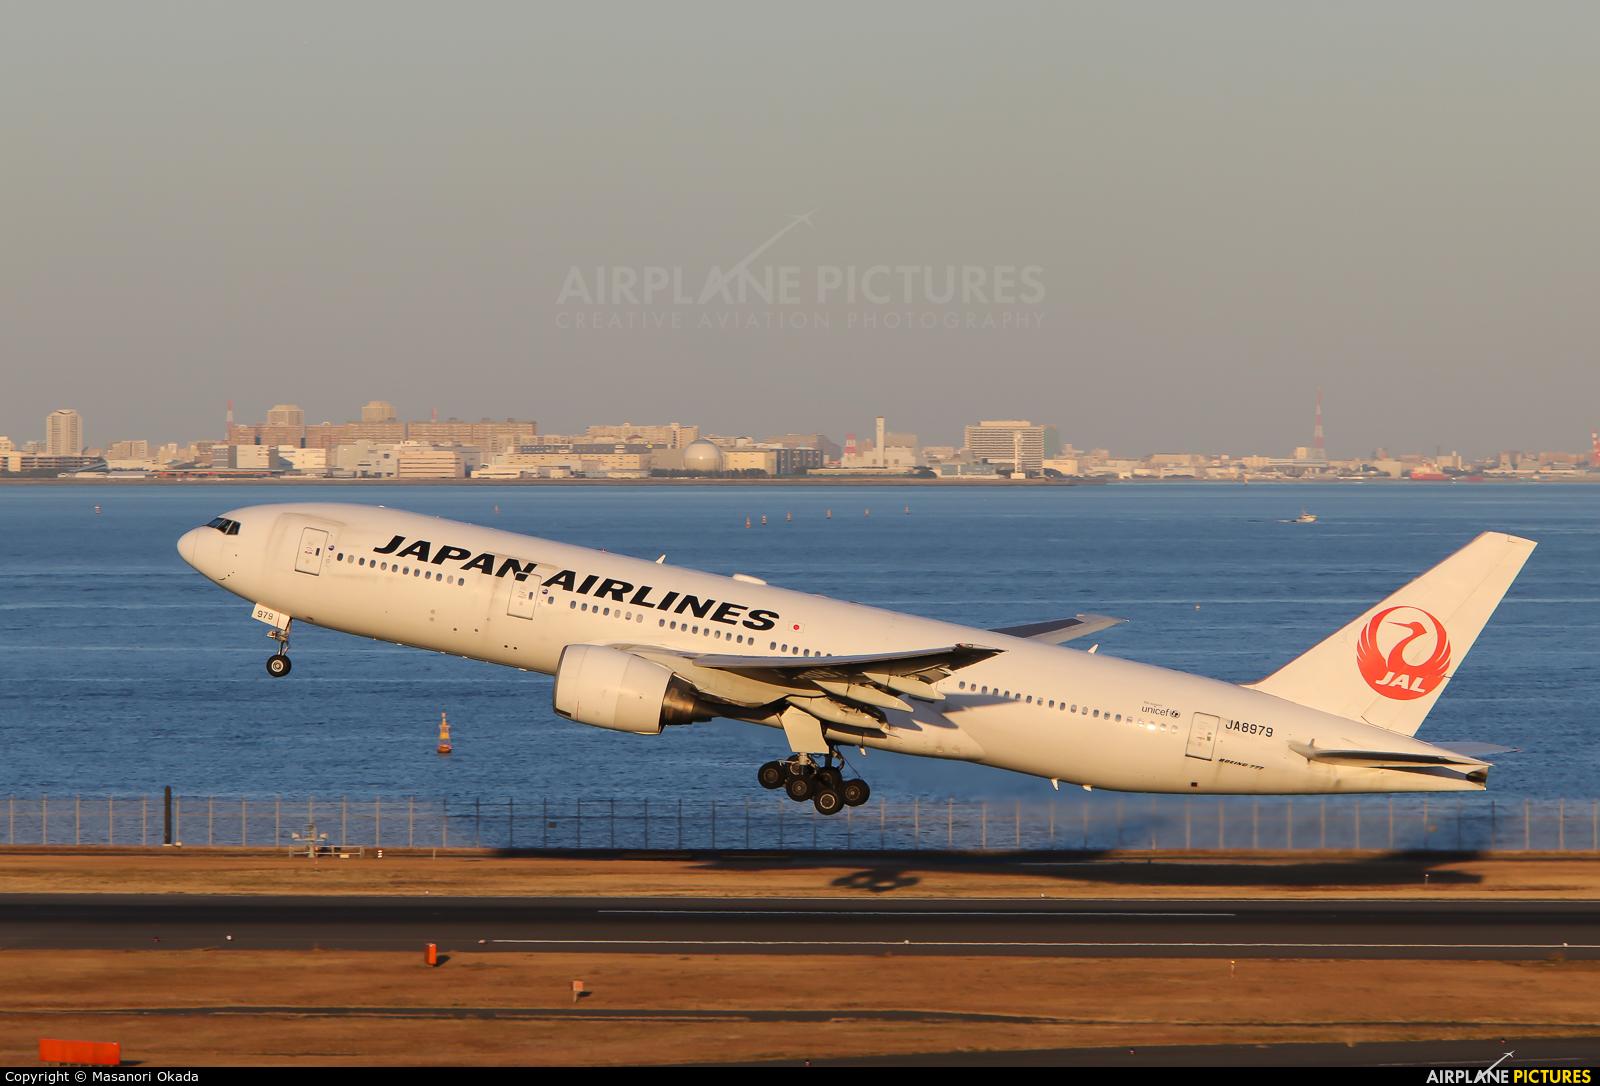 JAL - Japan Airlines JA8979 aircraft at Tokyo - Haneda Intl